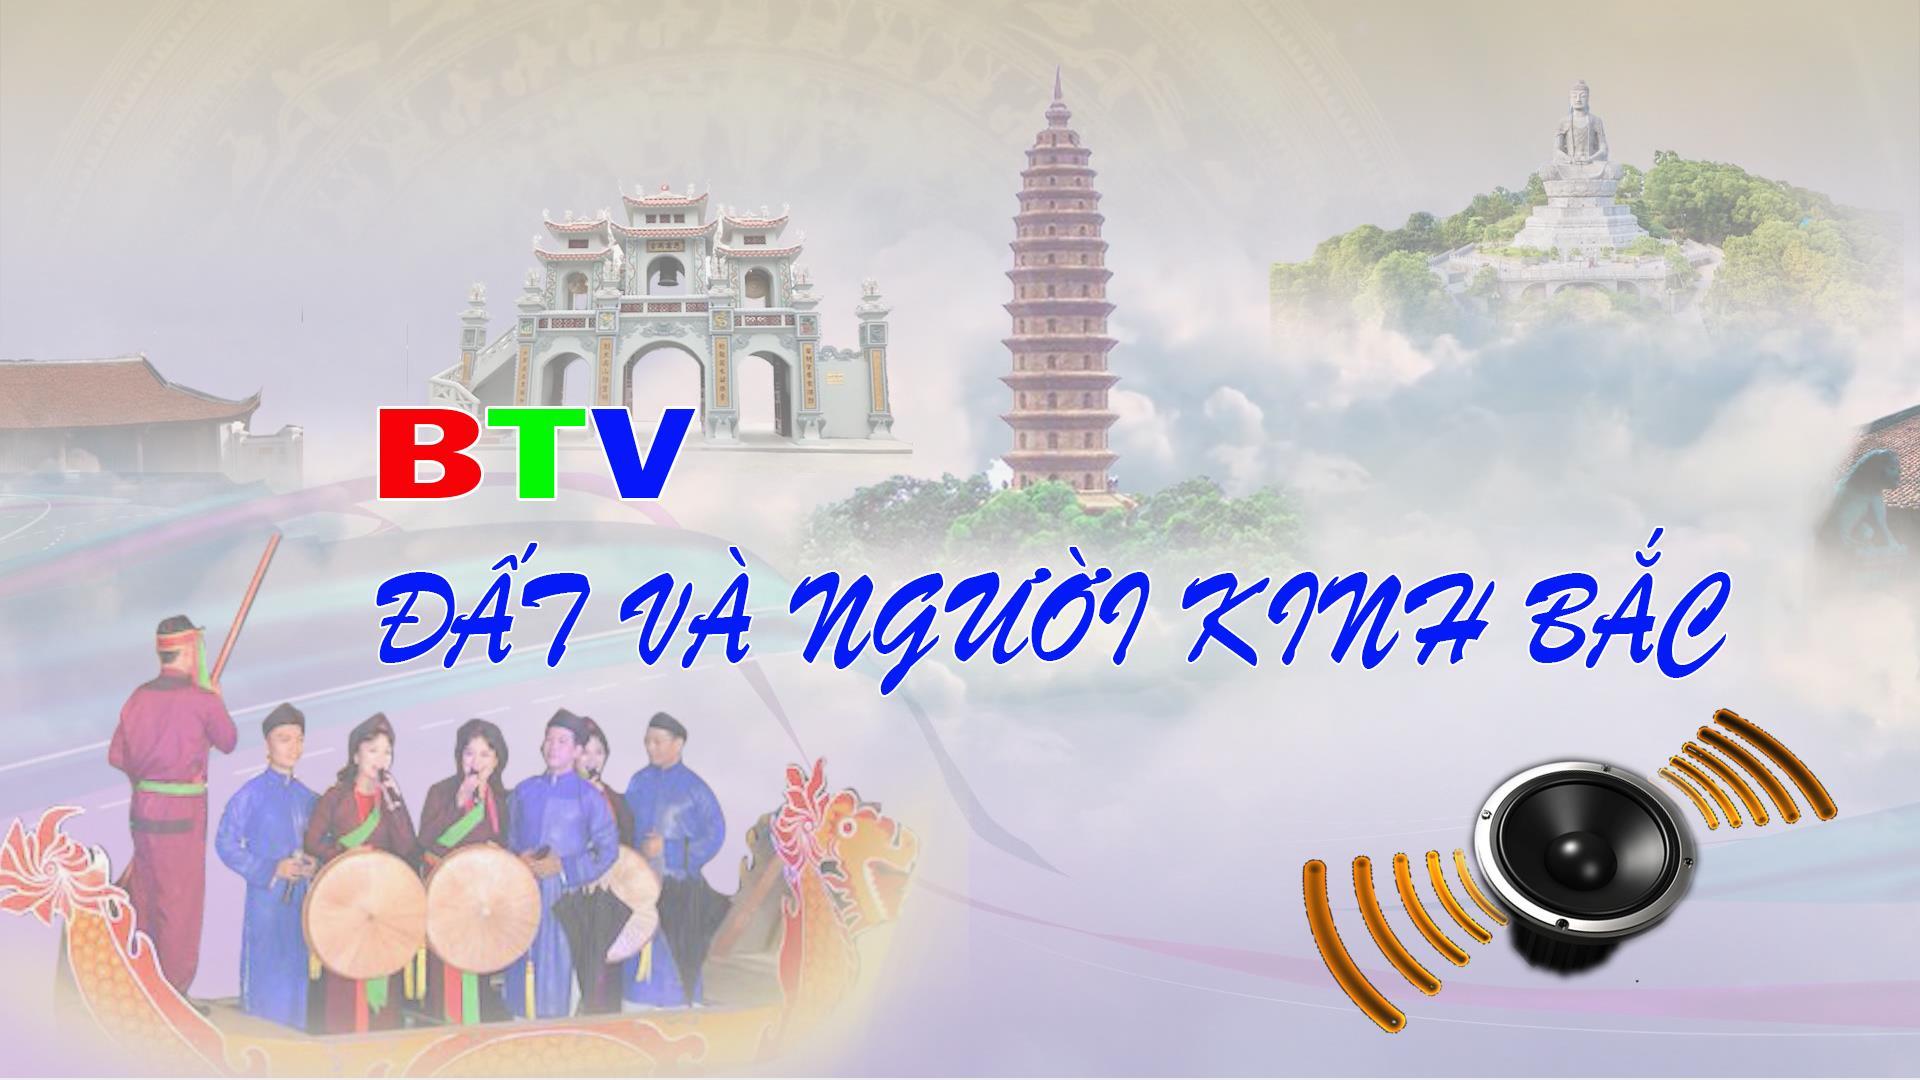 Vùng đất Thuận Thành Bắc Ninh